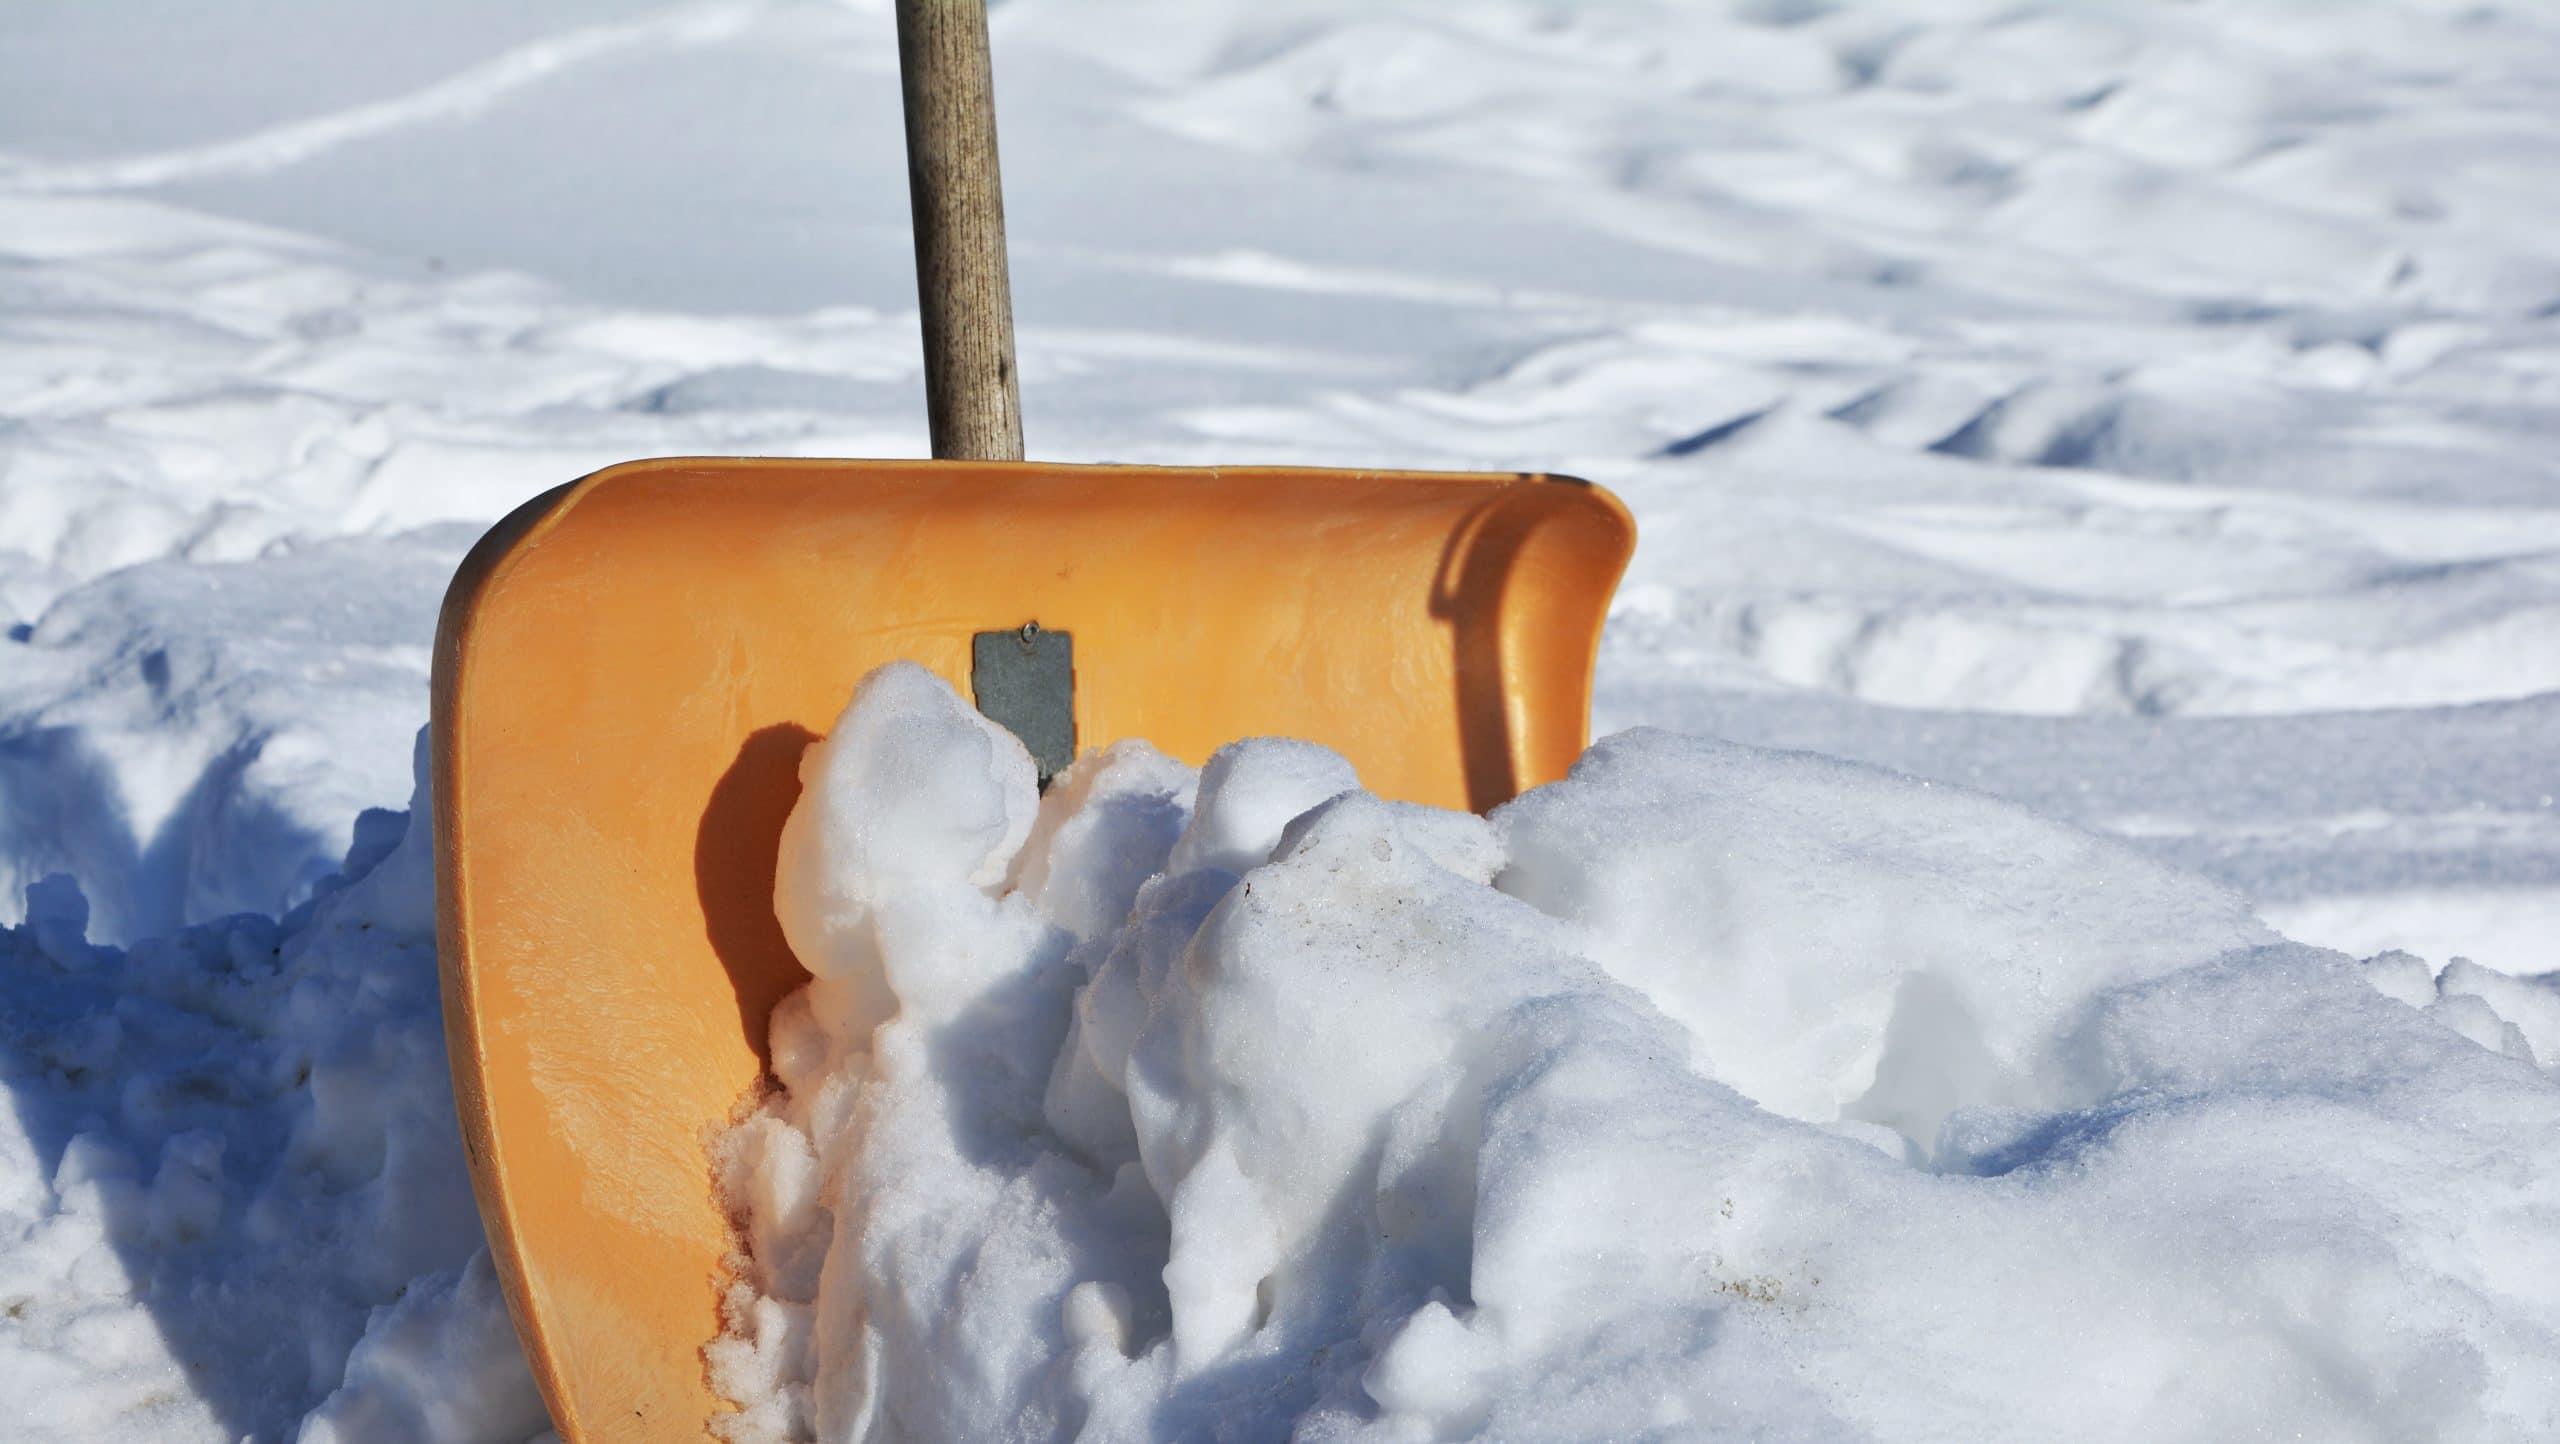 Es ist eine lästige Aufgabe, die aber jeder Hausbesitzer machen muss. Beauftragen Sie uns damit und sparen Sie sich das Schneeräumen in der Auffahrt